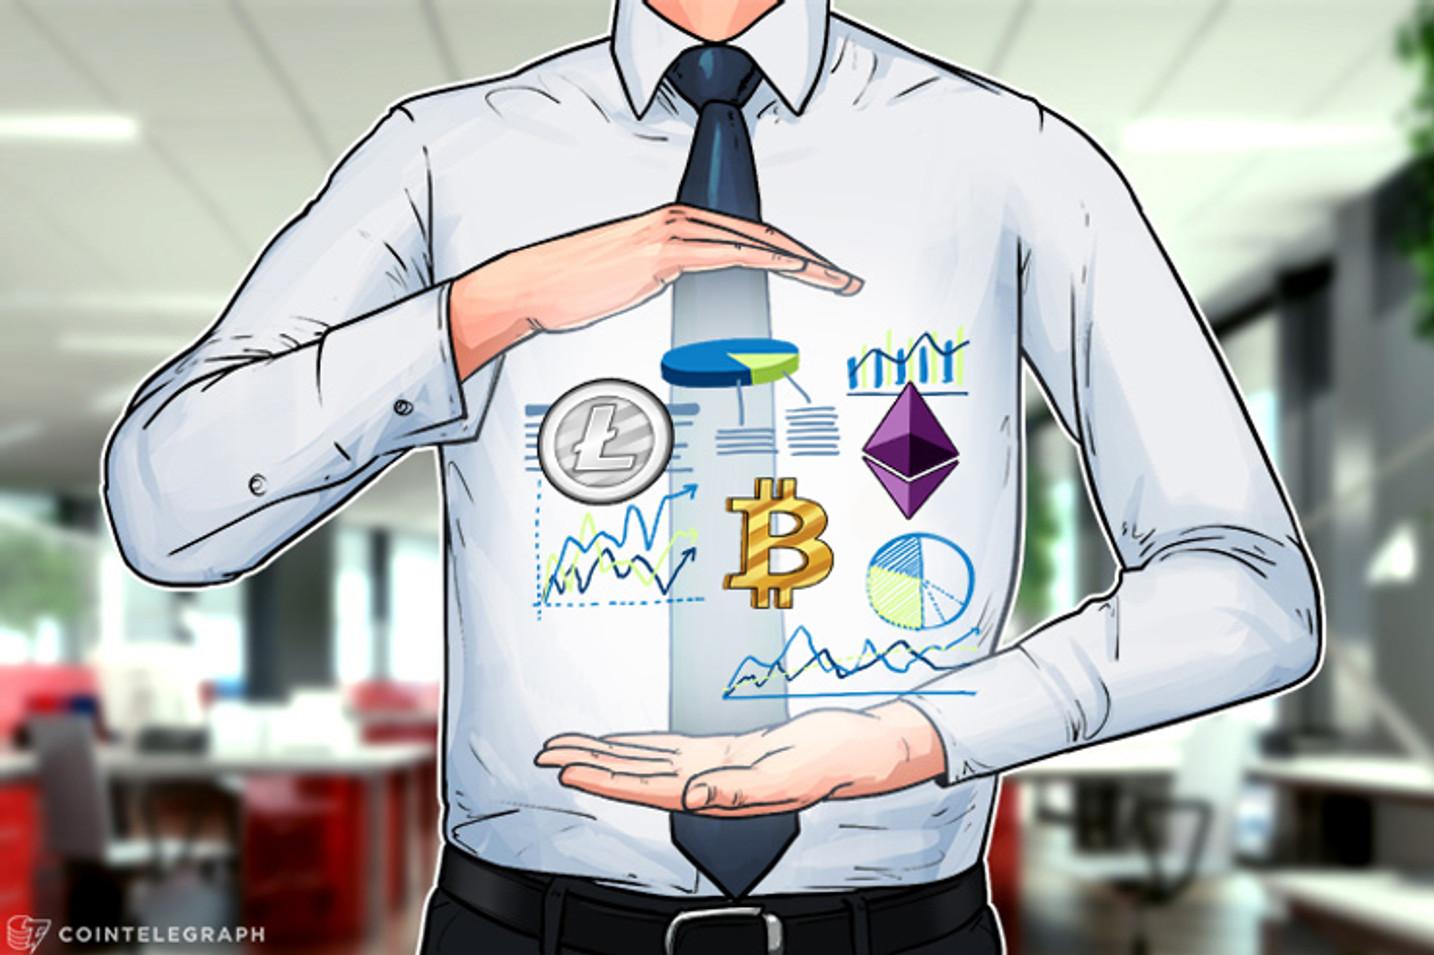 Según estudio de 2gether, Bitcoin y Ethereum son las criptomonedas más usadas para pagos en la zona Euro